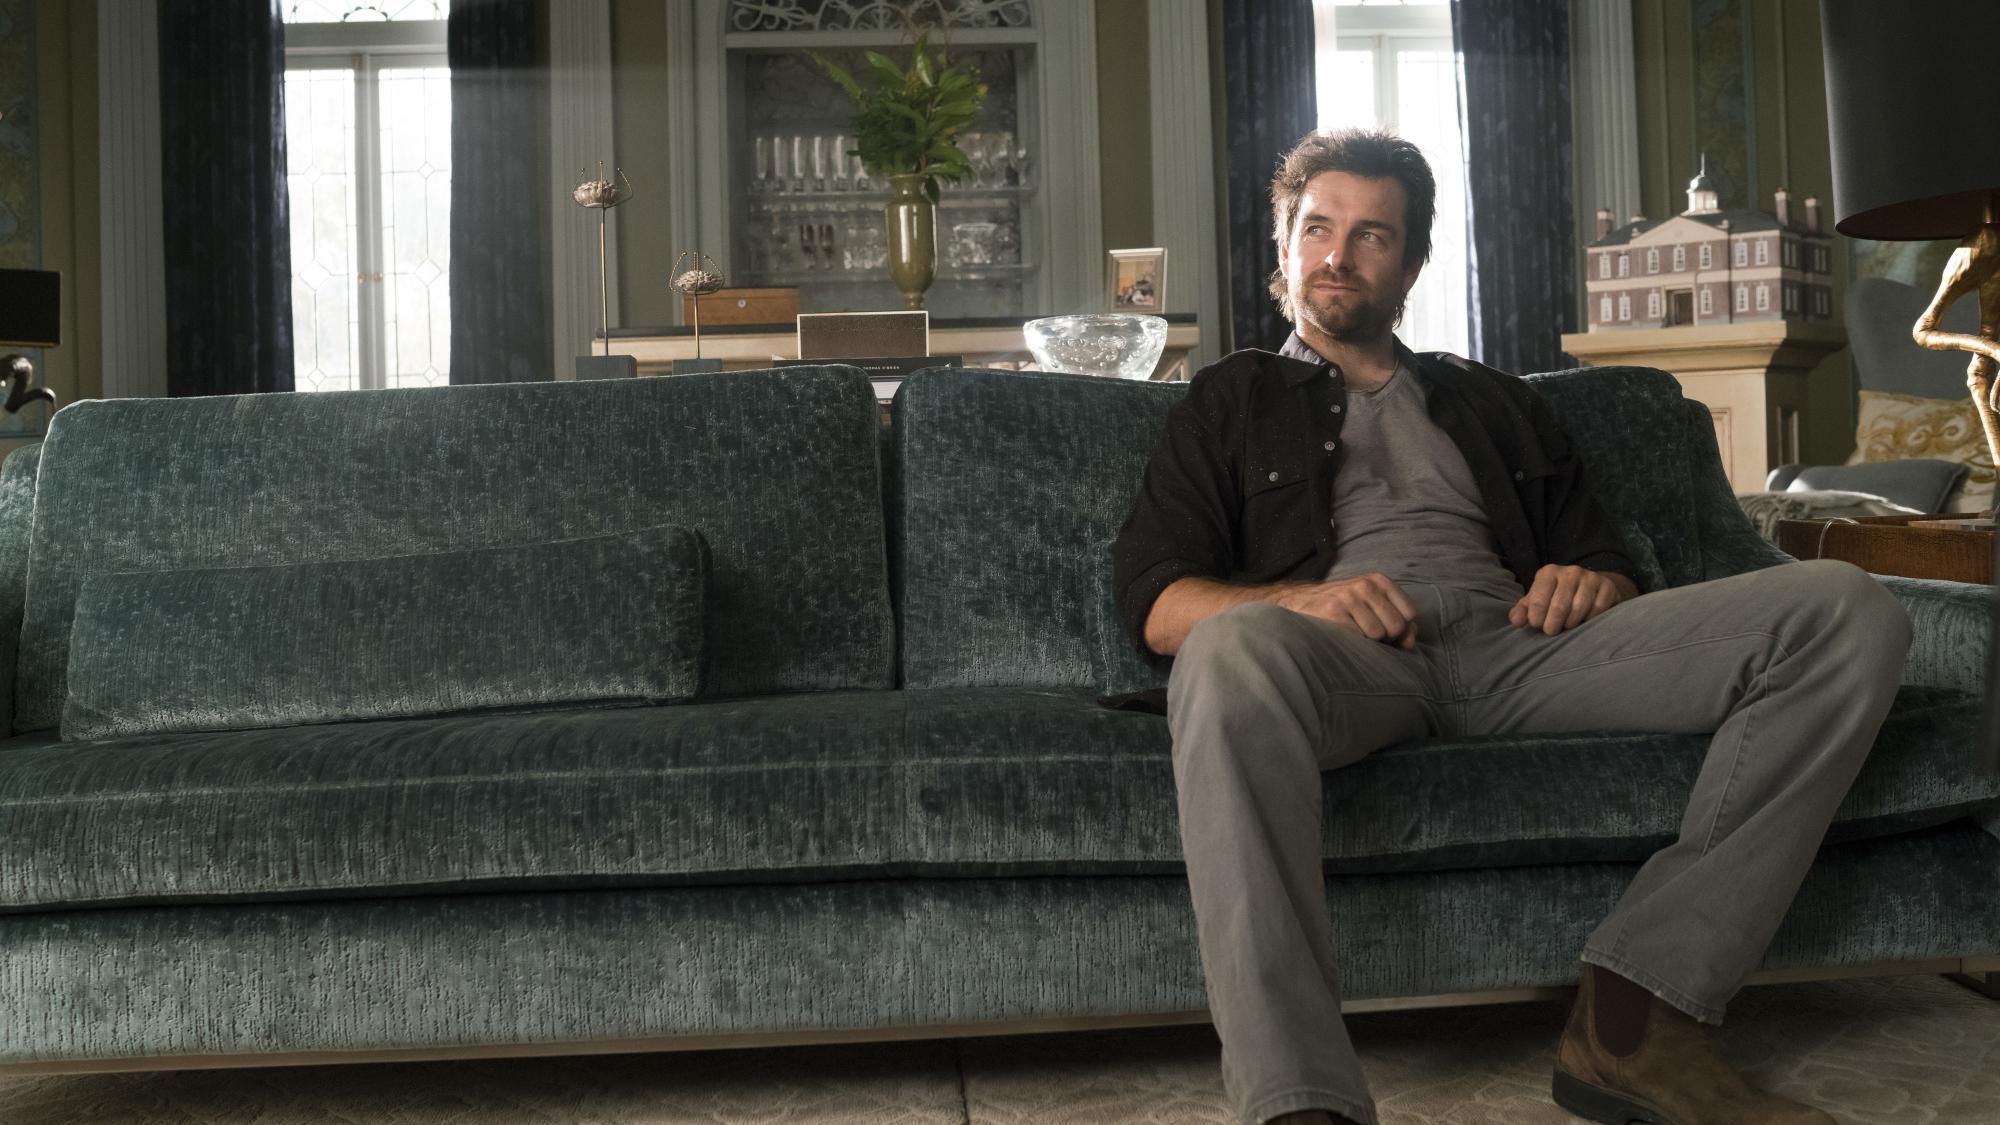 Garrett relaxes in the living room.